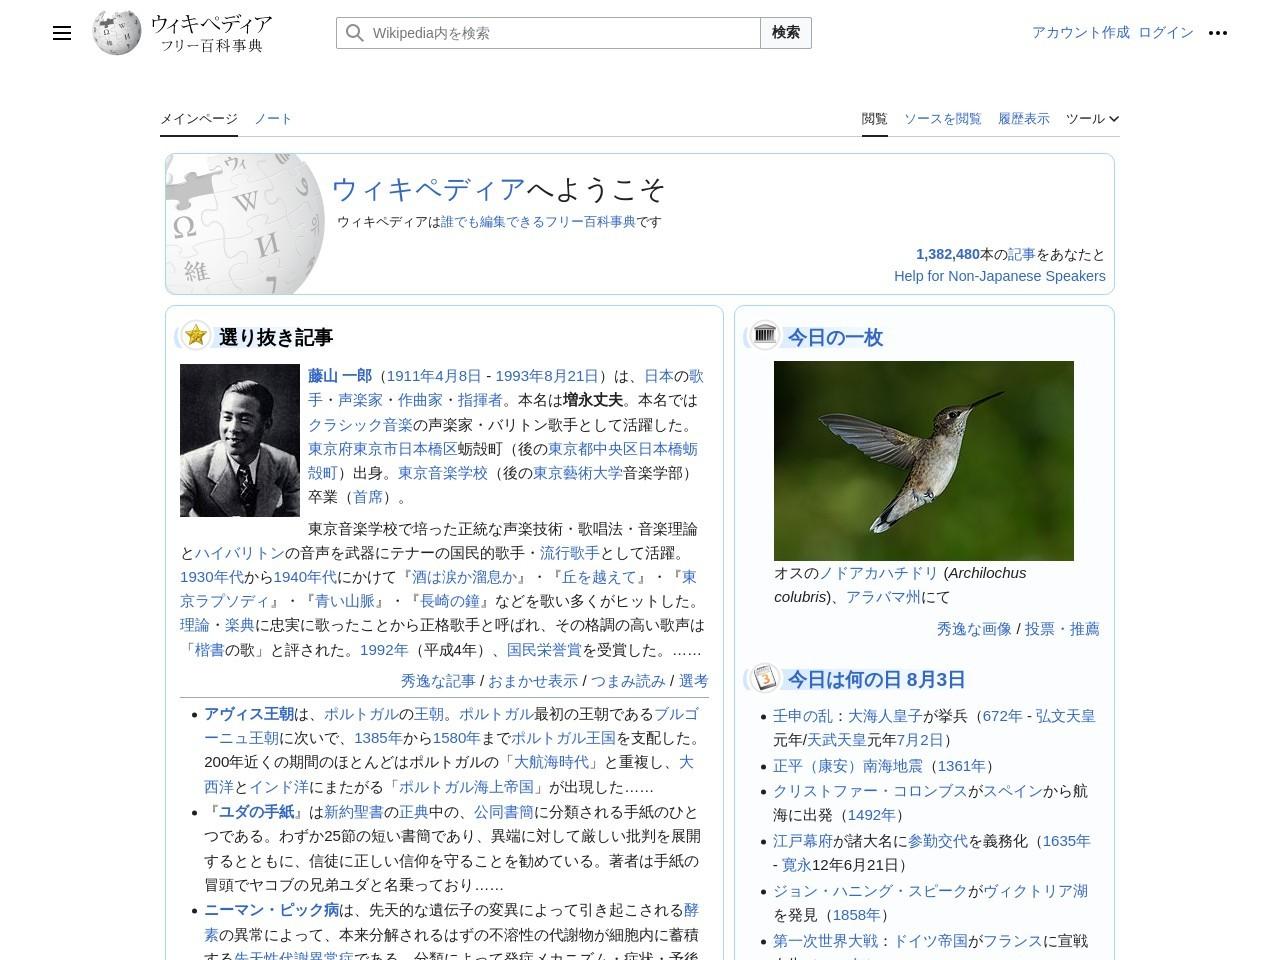 マウスコンピューター - Wikipedia